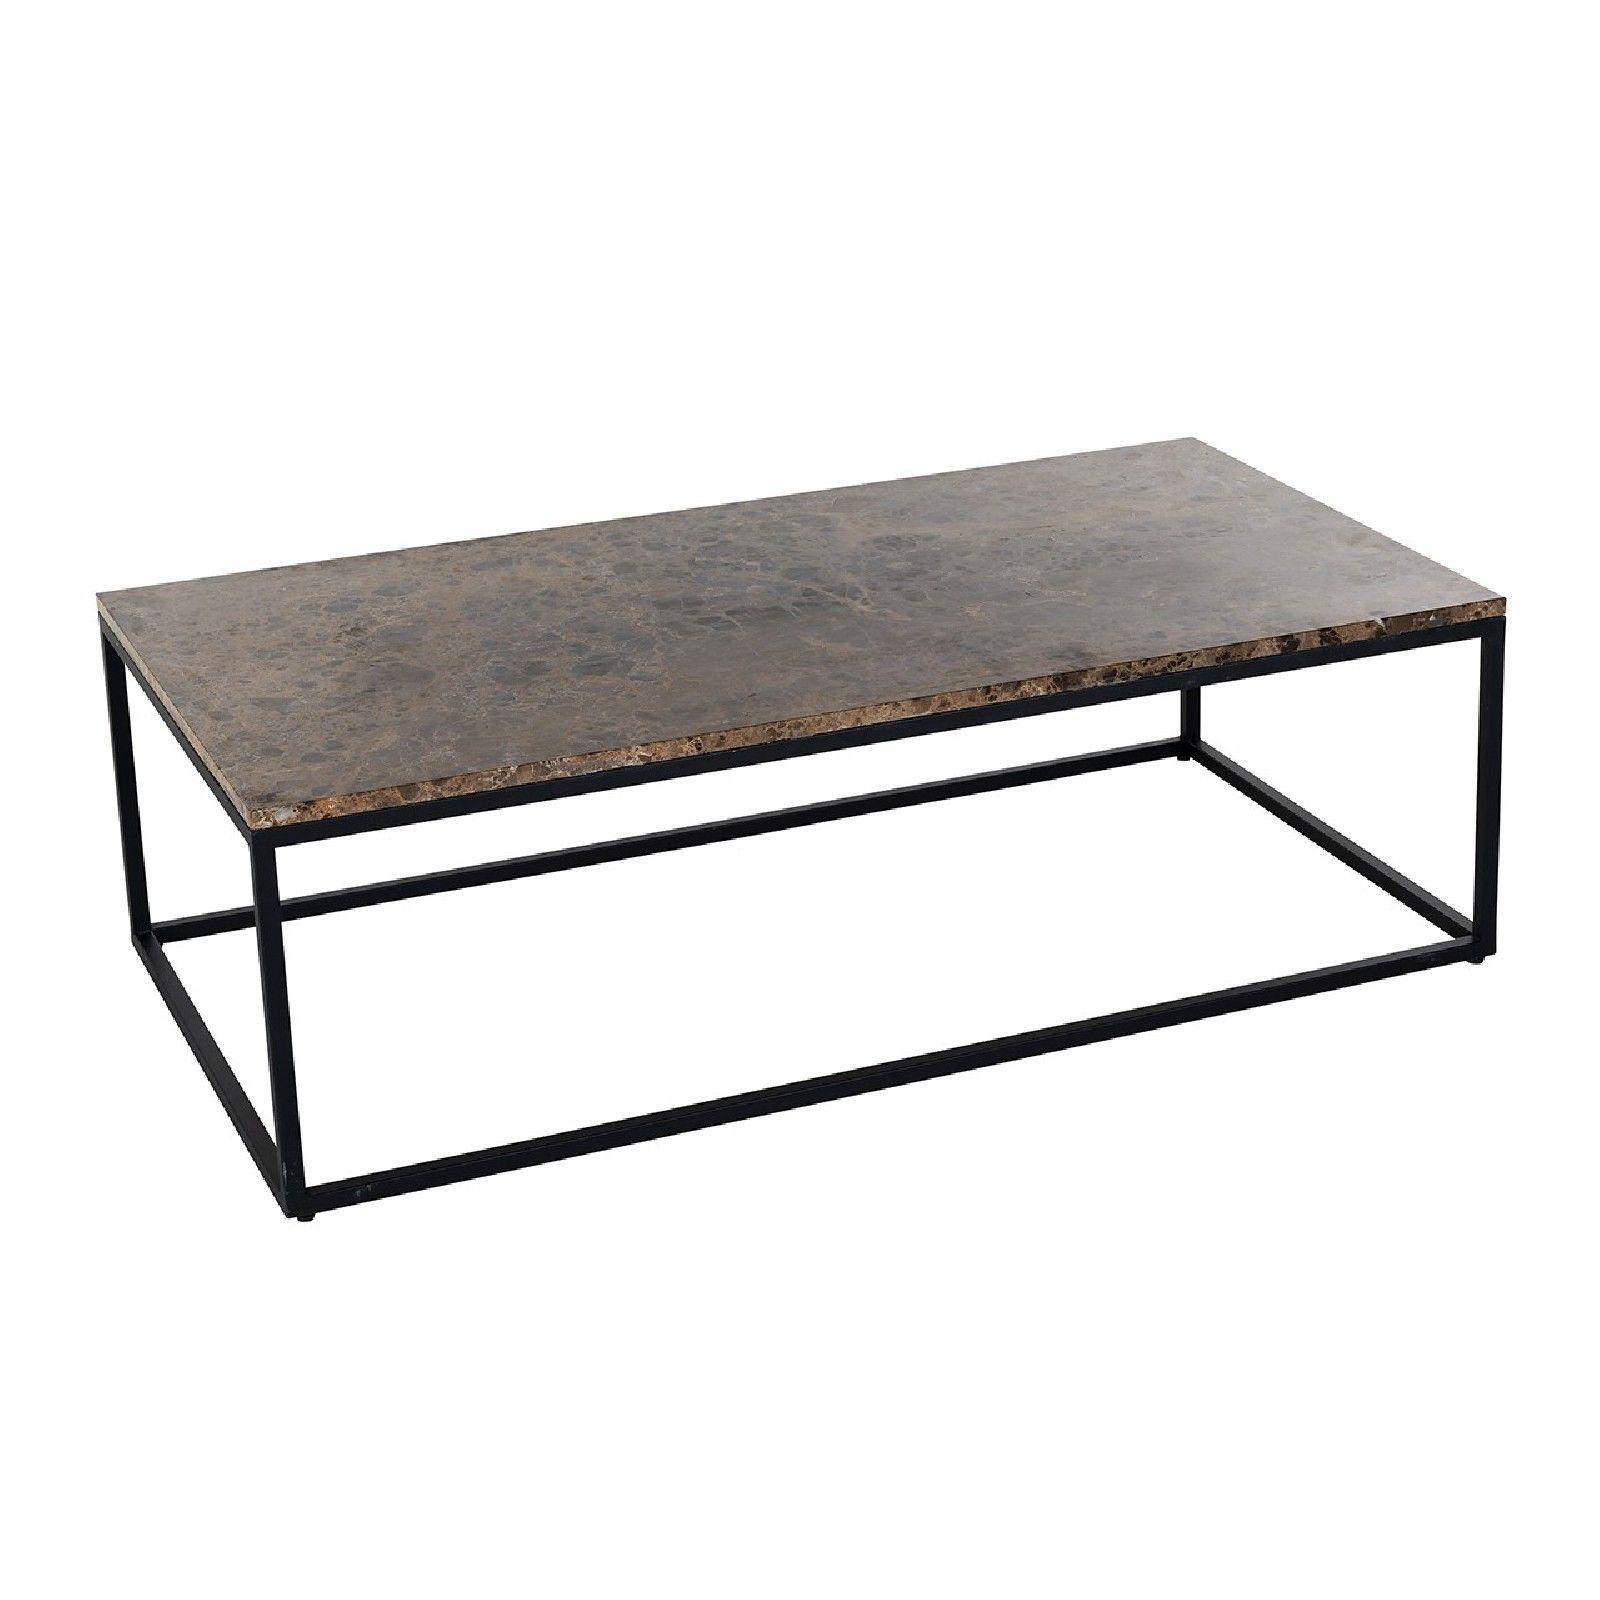 Table basse rectangulaire - Plateau marbre brun